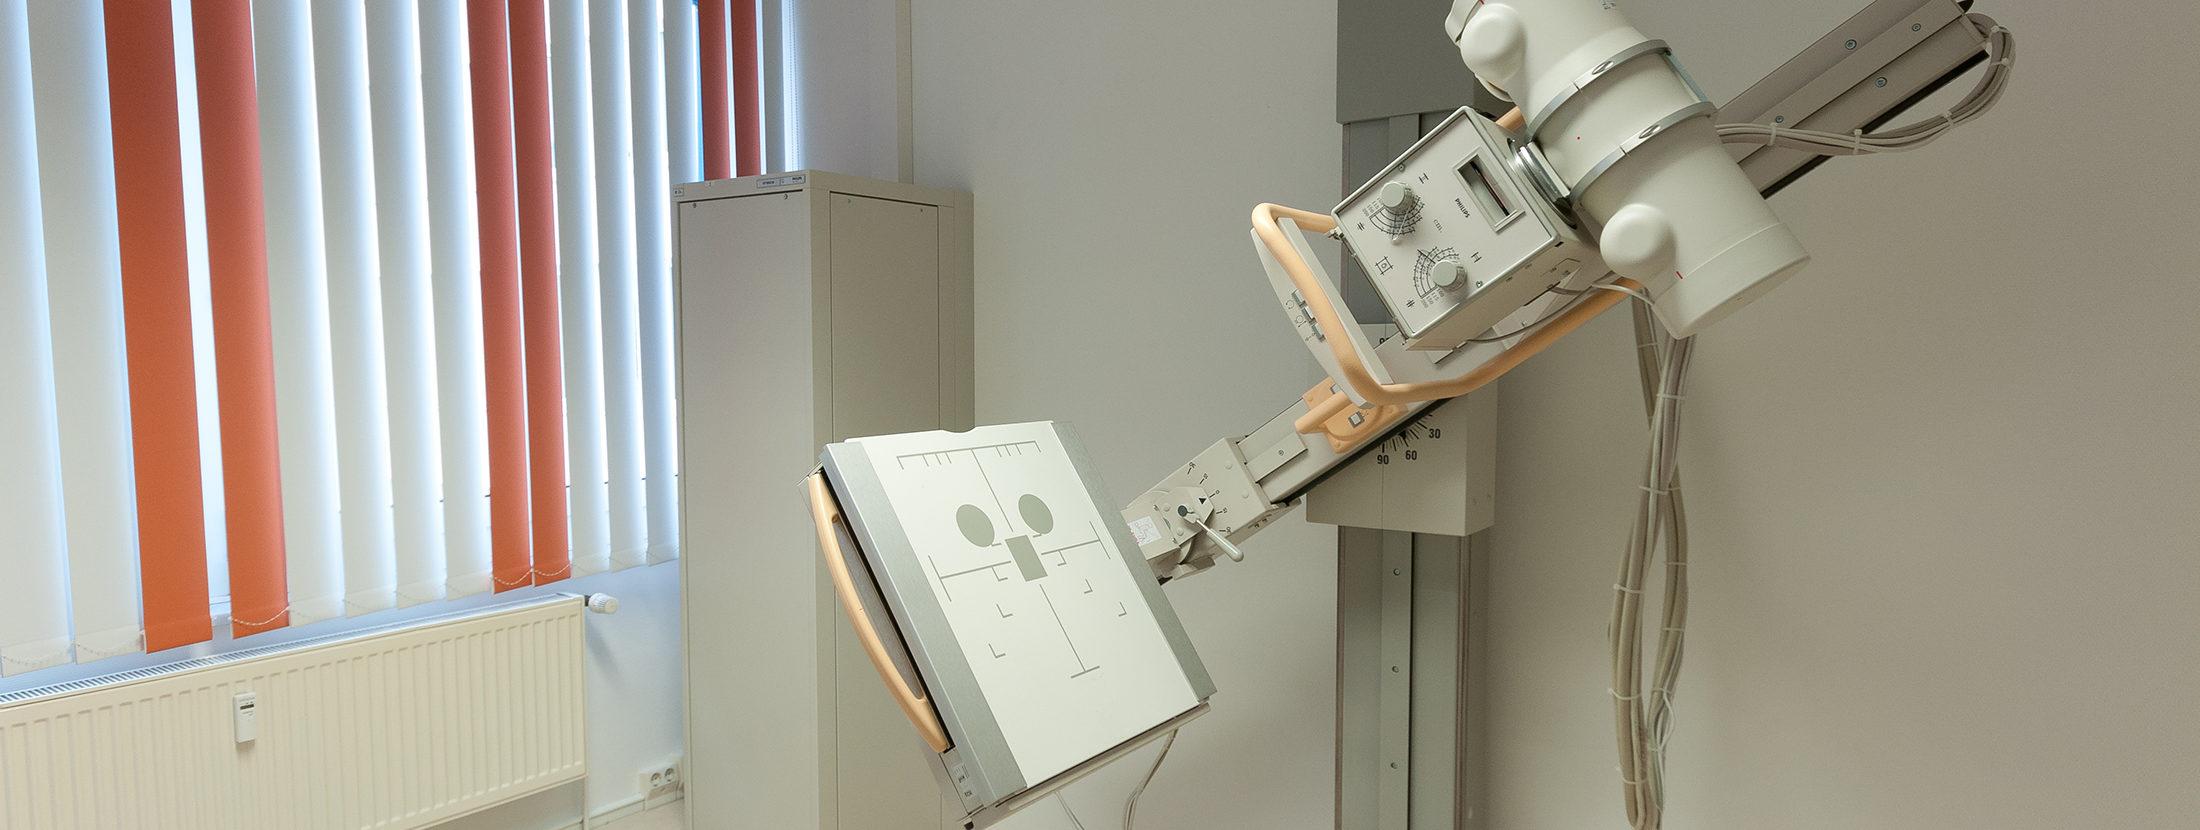 Aufnahme eines Röntgengeräts